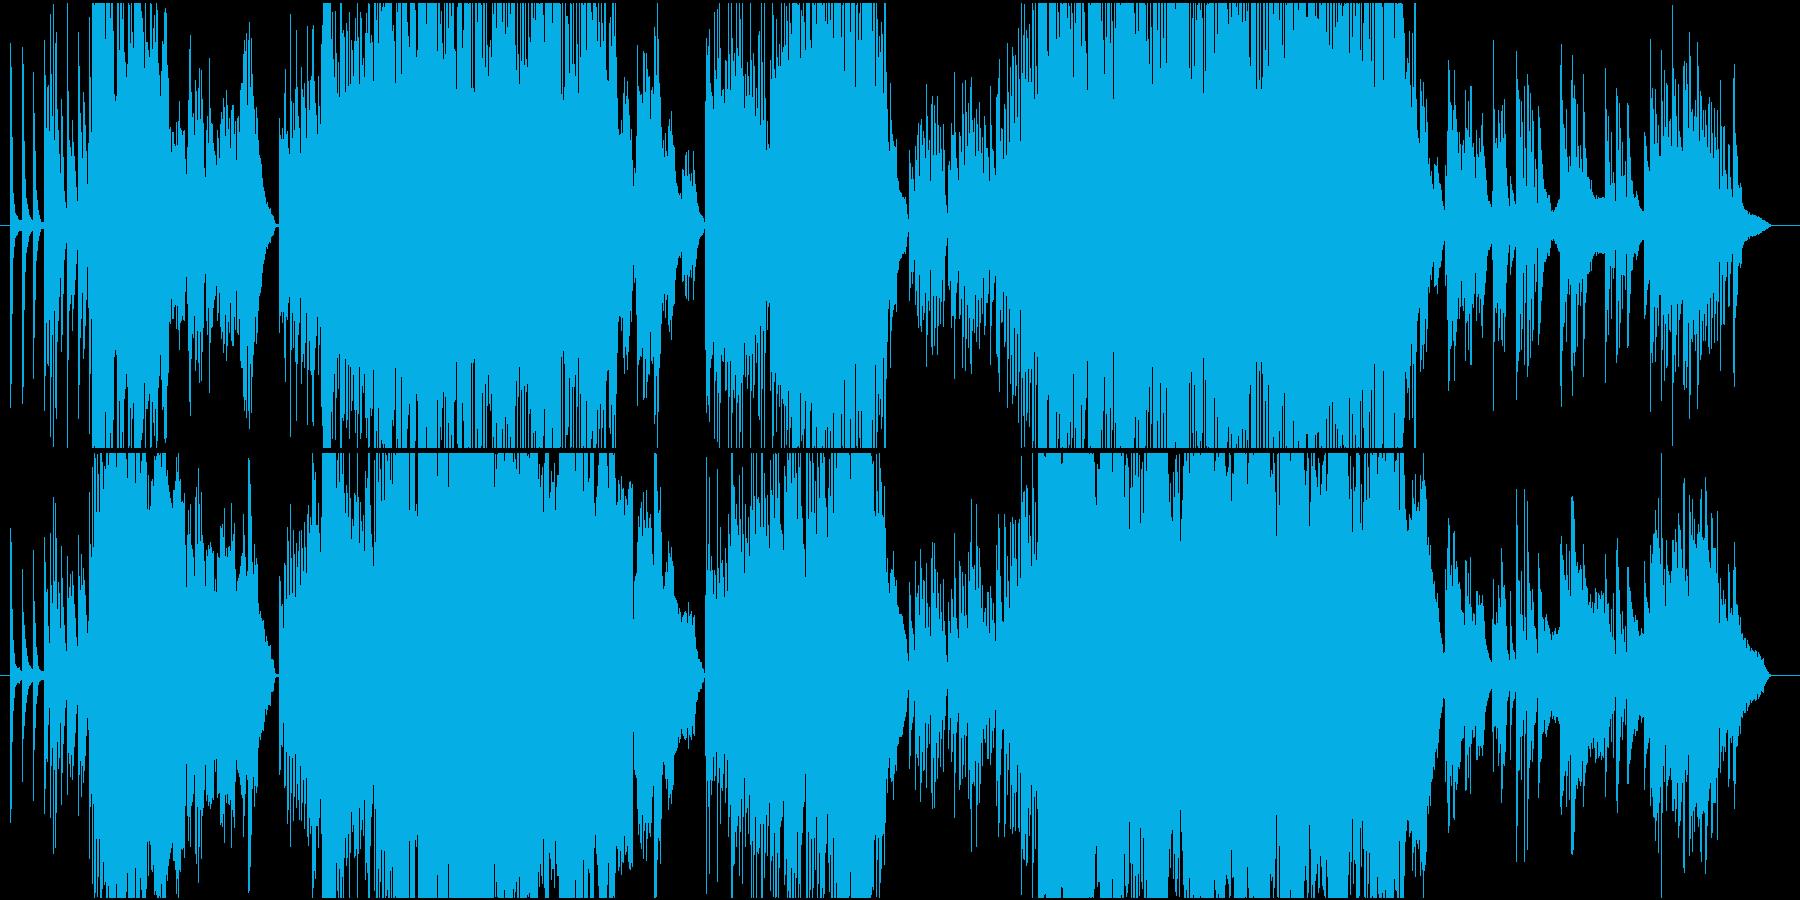 和を感じさせるピアノ中心のインスト曲の再生済みの波形